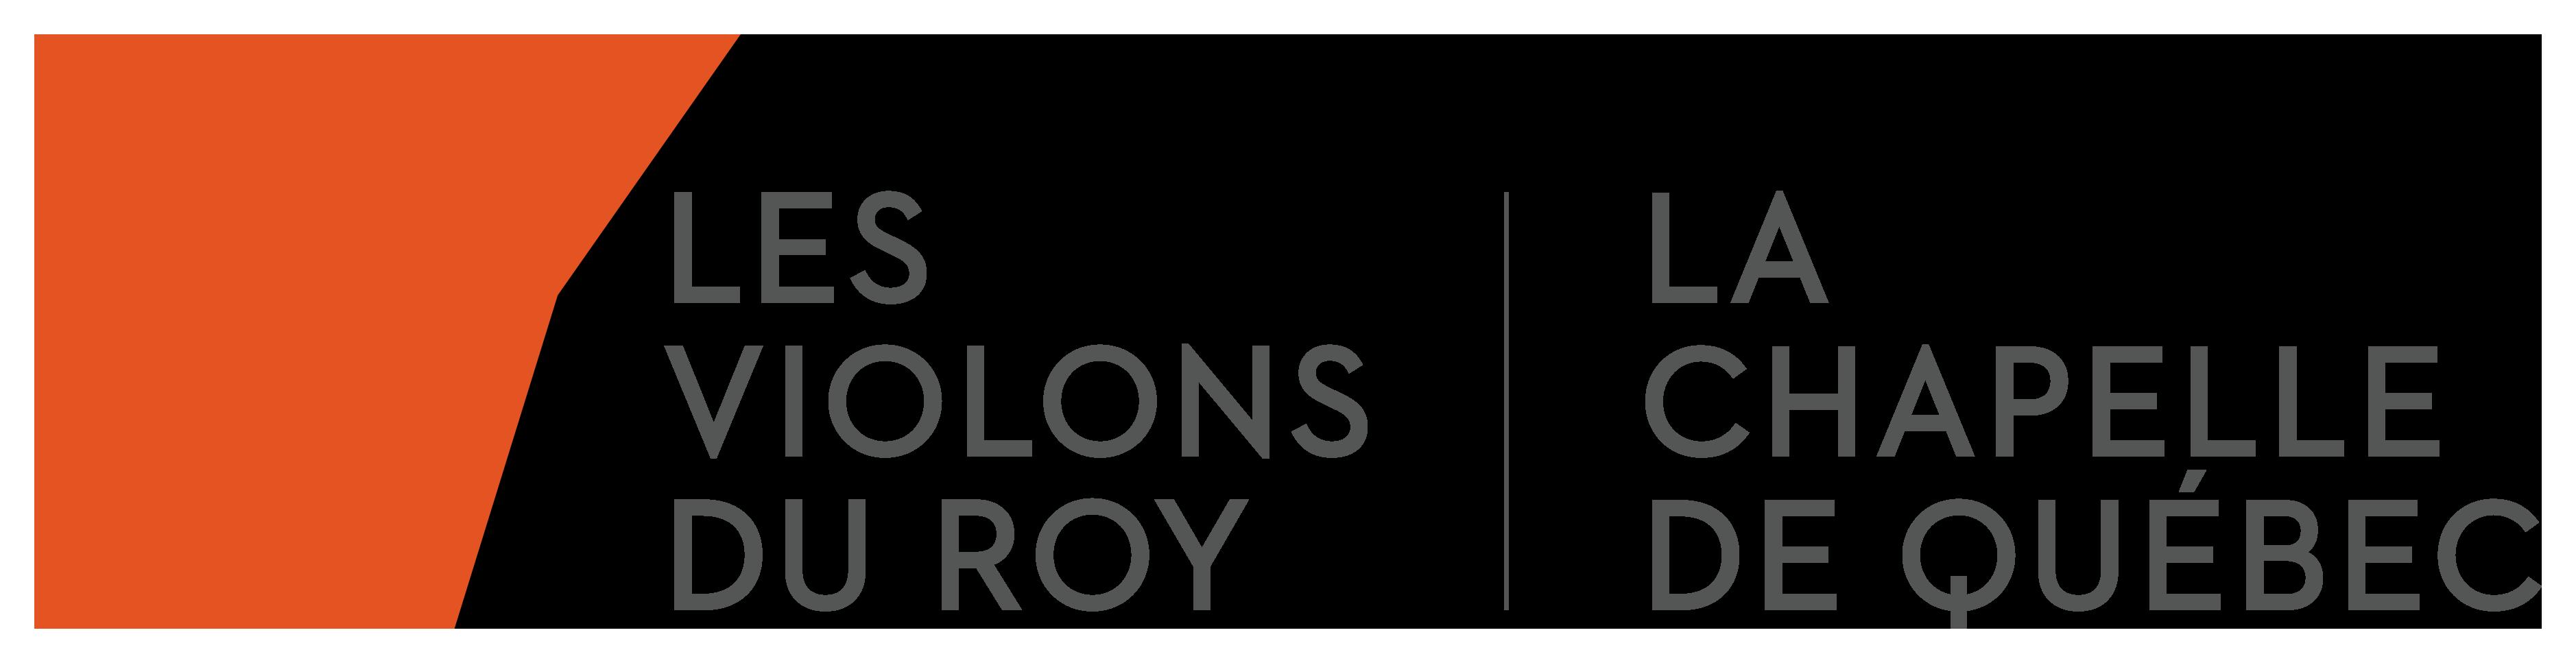 Les Violons du Roy | La Chapelle de Québec